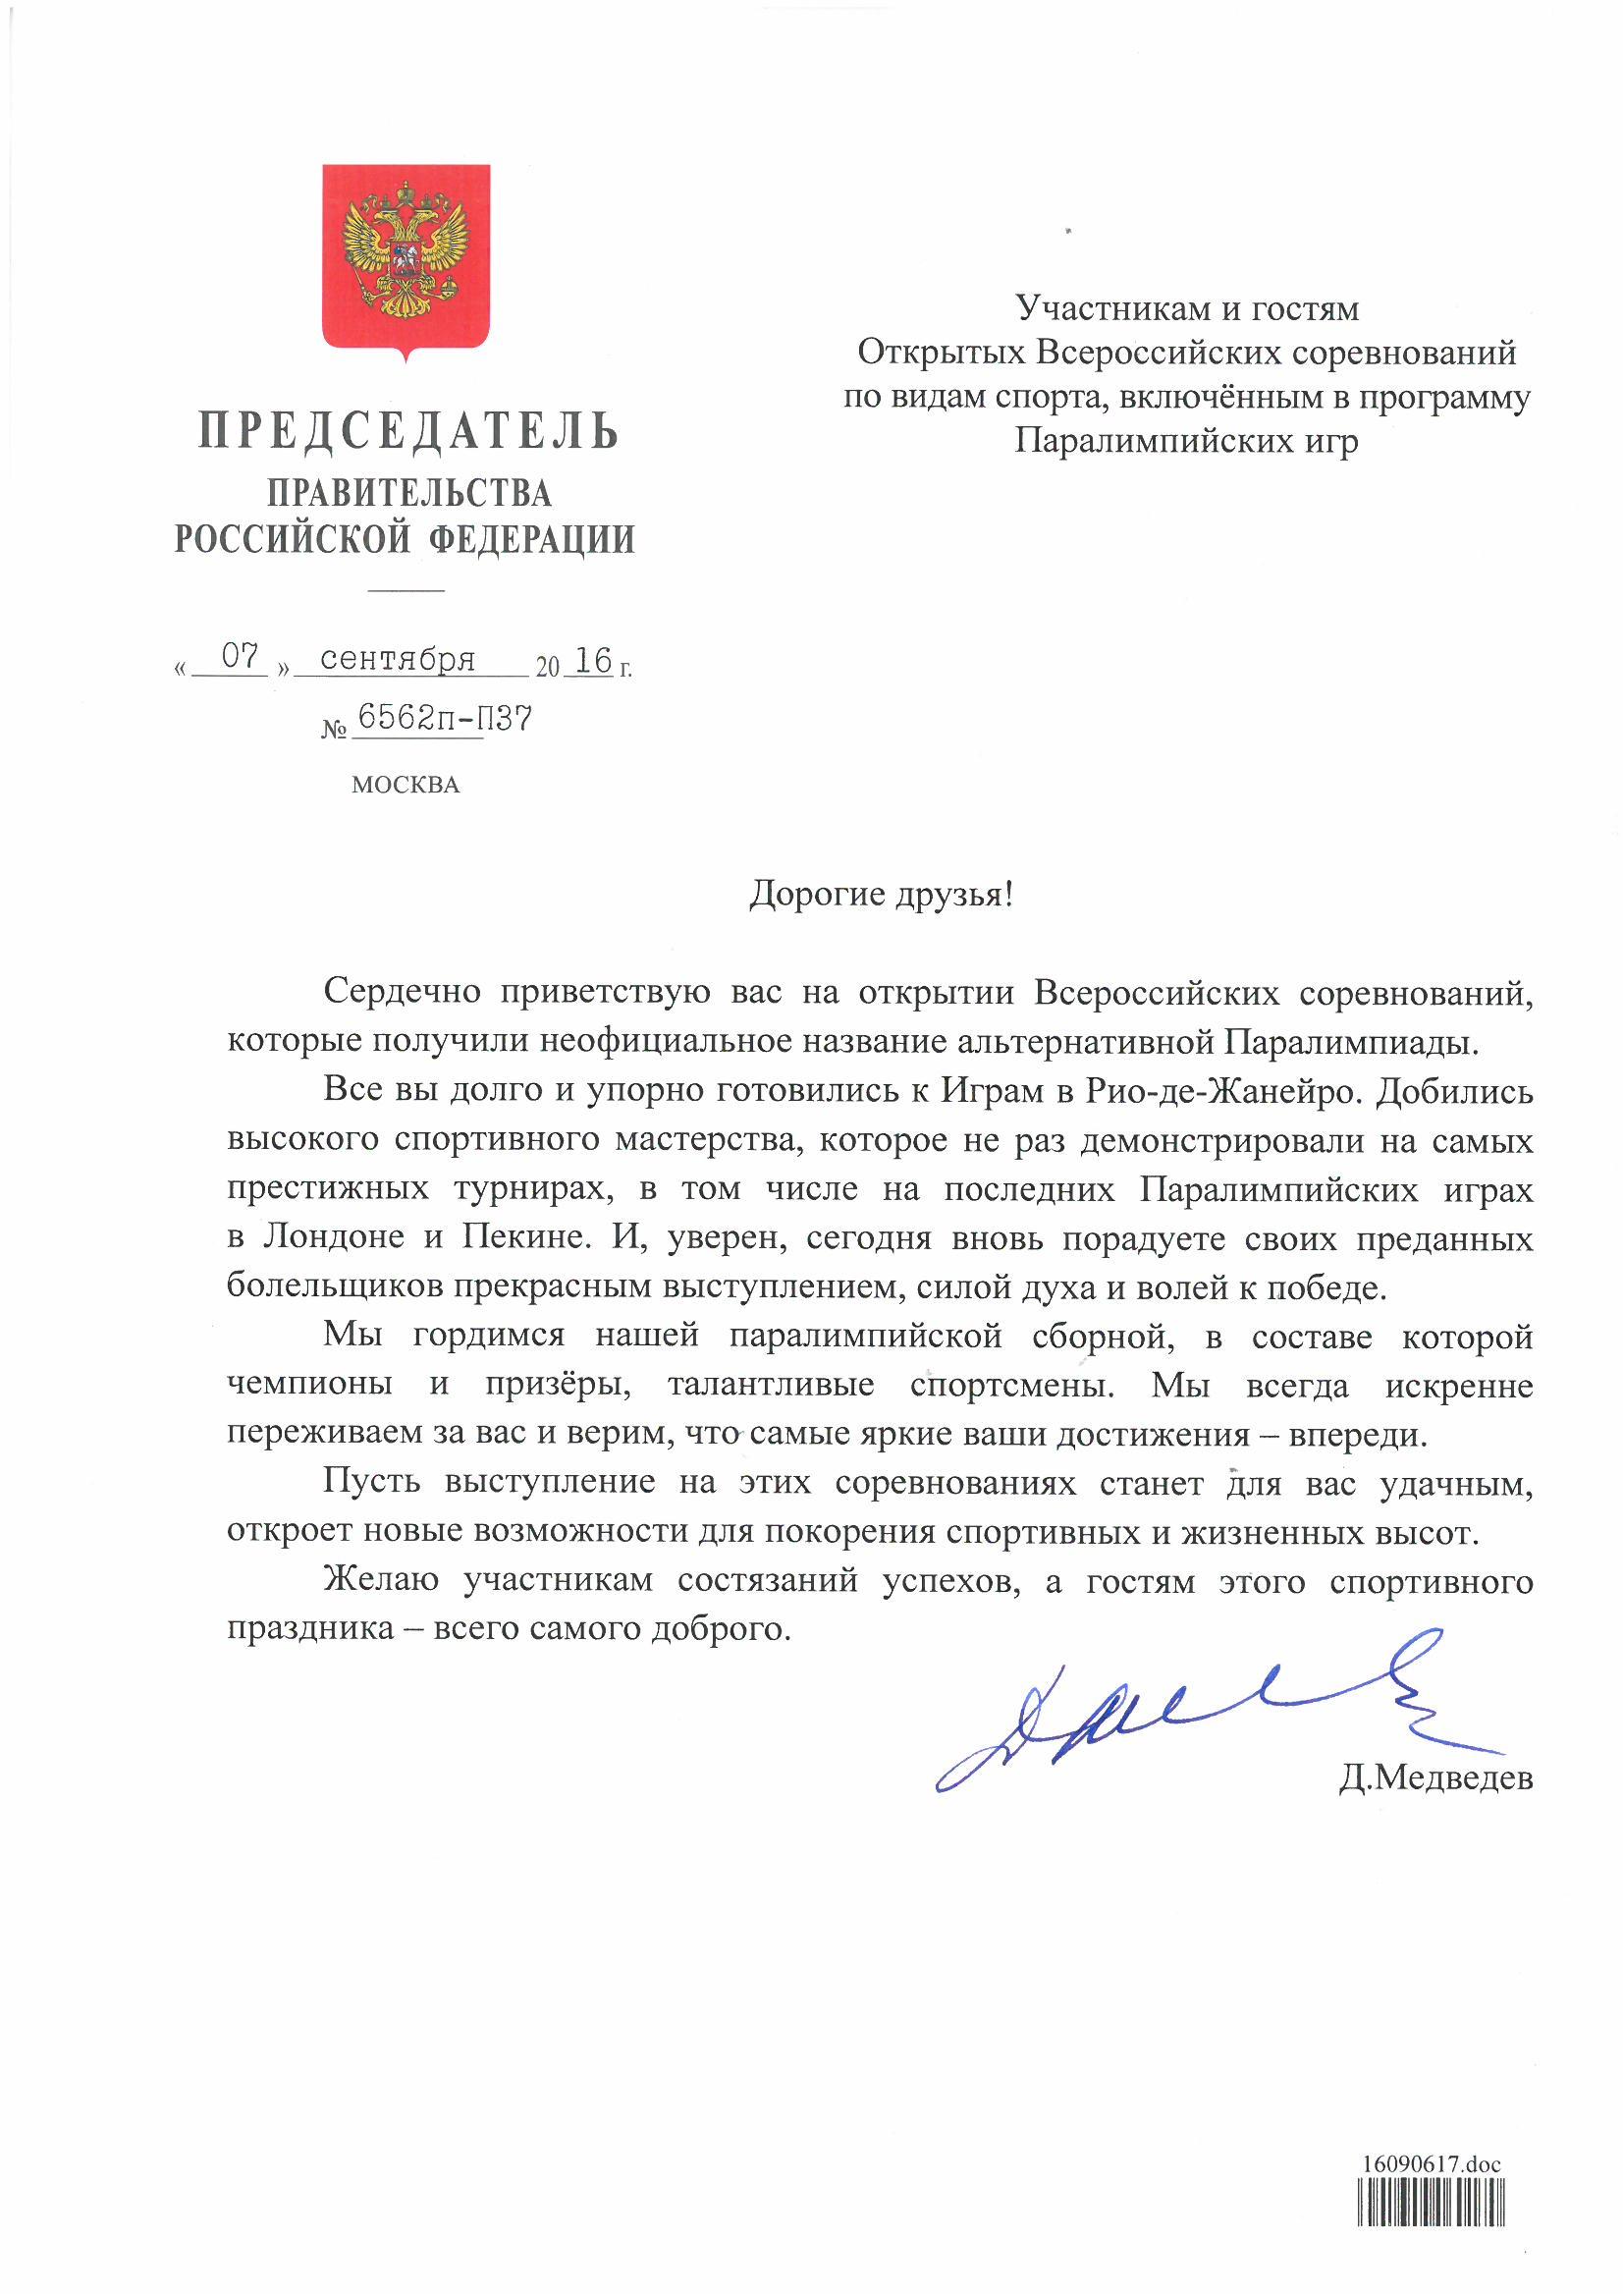 Приветствие Председателя Правительства РФ Д.А. Медведева участниками и гостям открытых Всероссийских соревнований по видам спорта, включенным в программу ПИ